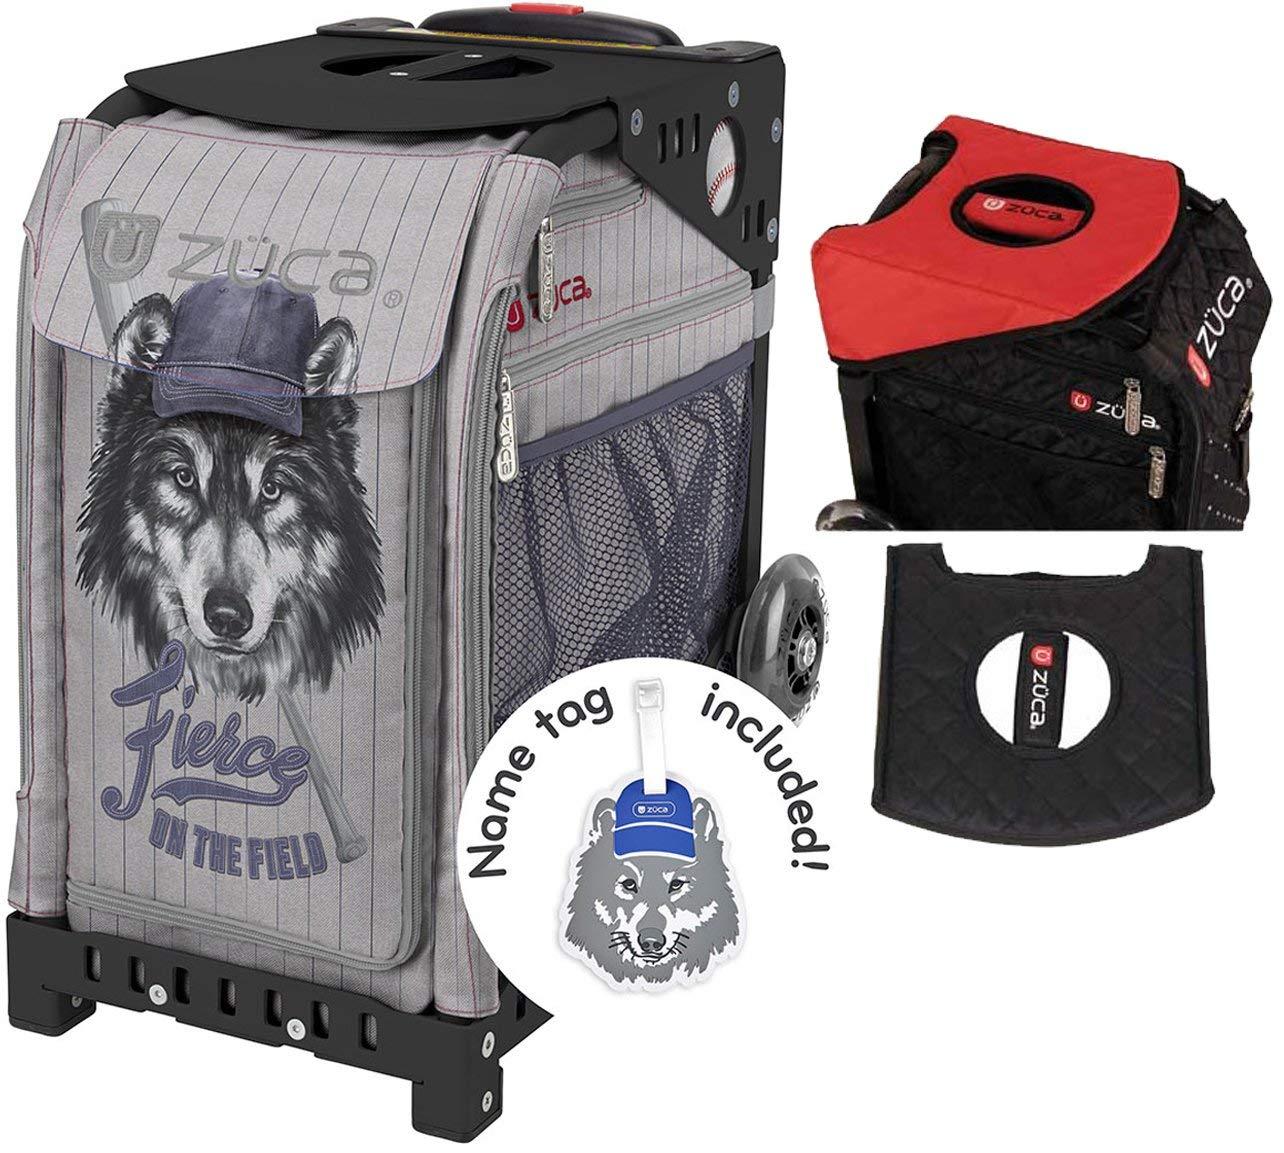 ZUCA Fierce On The Field Sport Insert Bag & Black Frame + Gift Seat Cushion